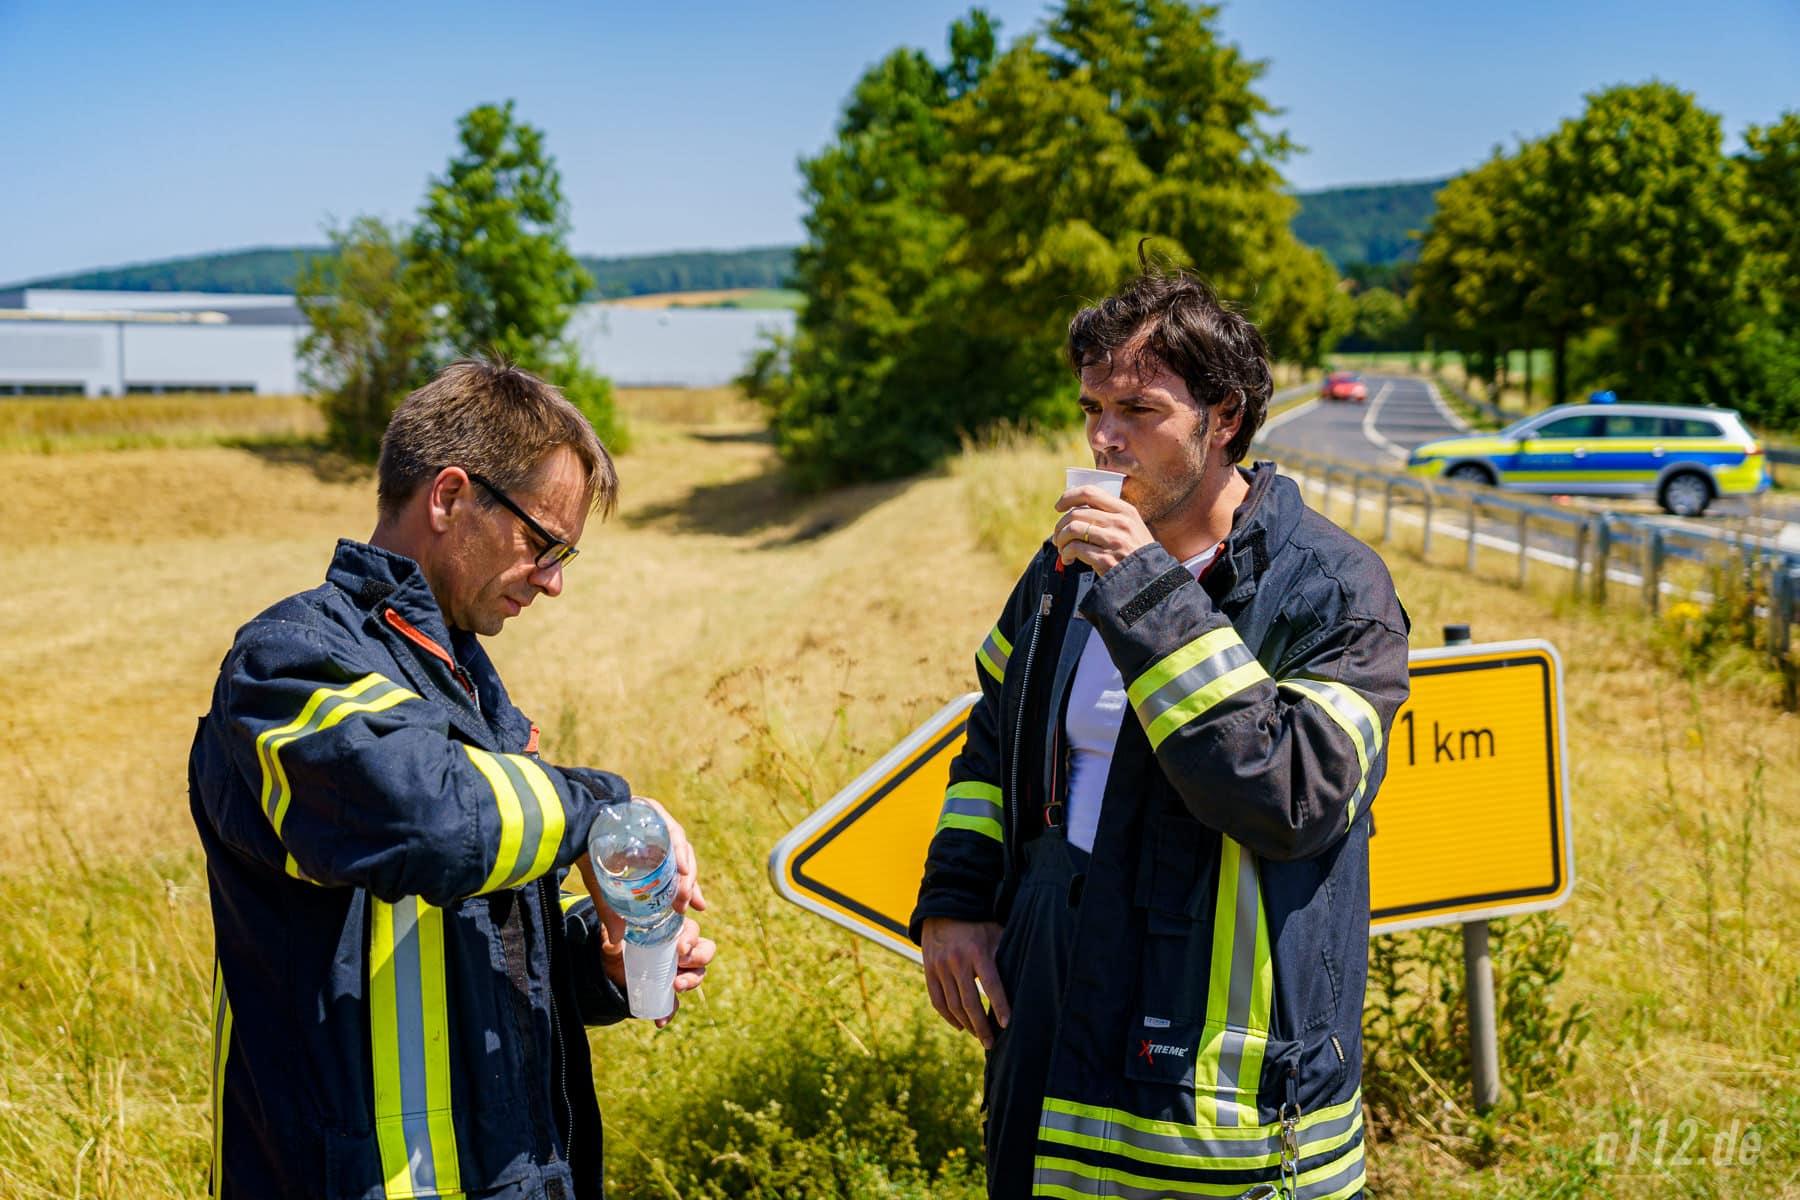 ...trinken, trinken, trinken! Bei Temperaturen um 36 Grad setzte den Helfern auch die Hitze zu (Foto: n112.de/Stefan Simonsen)